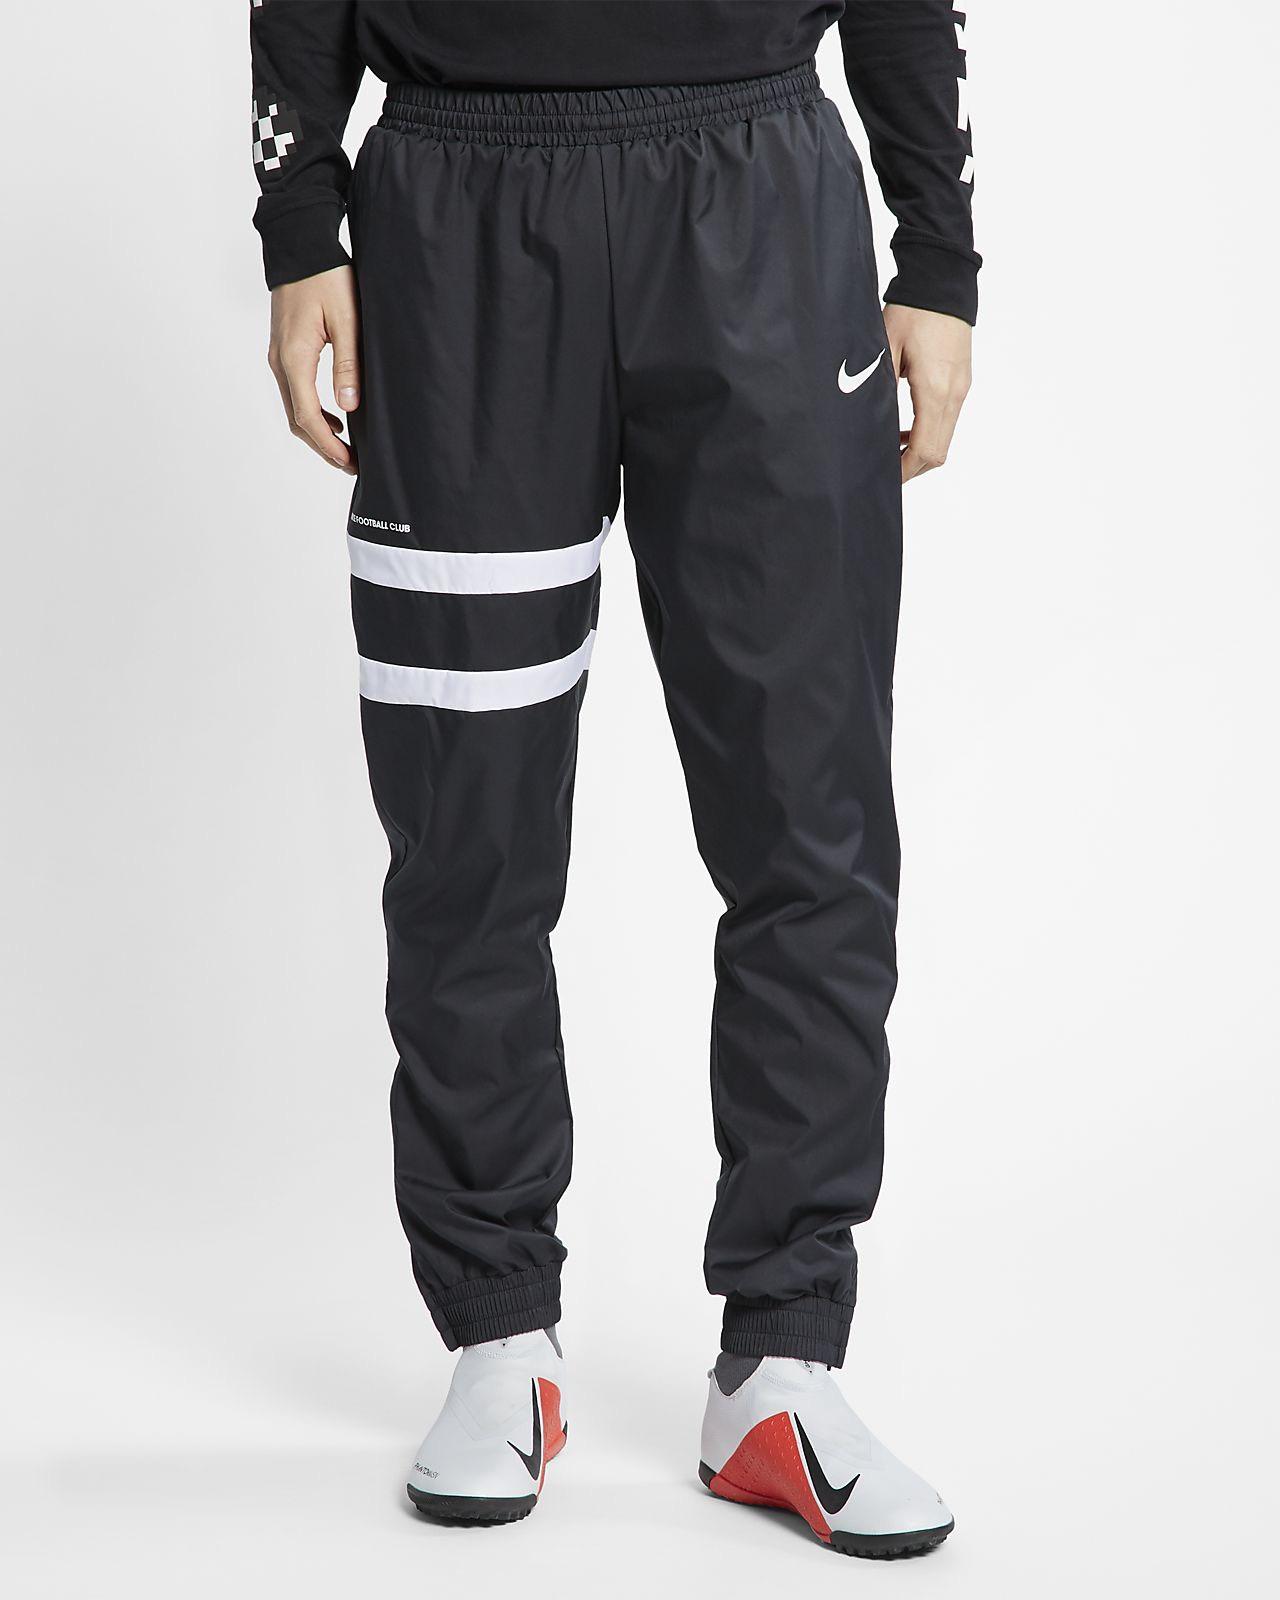 Pantalon de survêtement de football pour Homme Nike F.C.